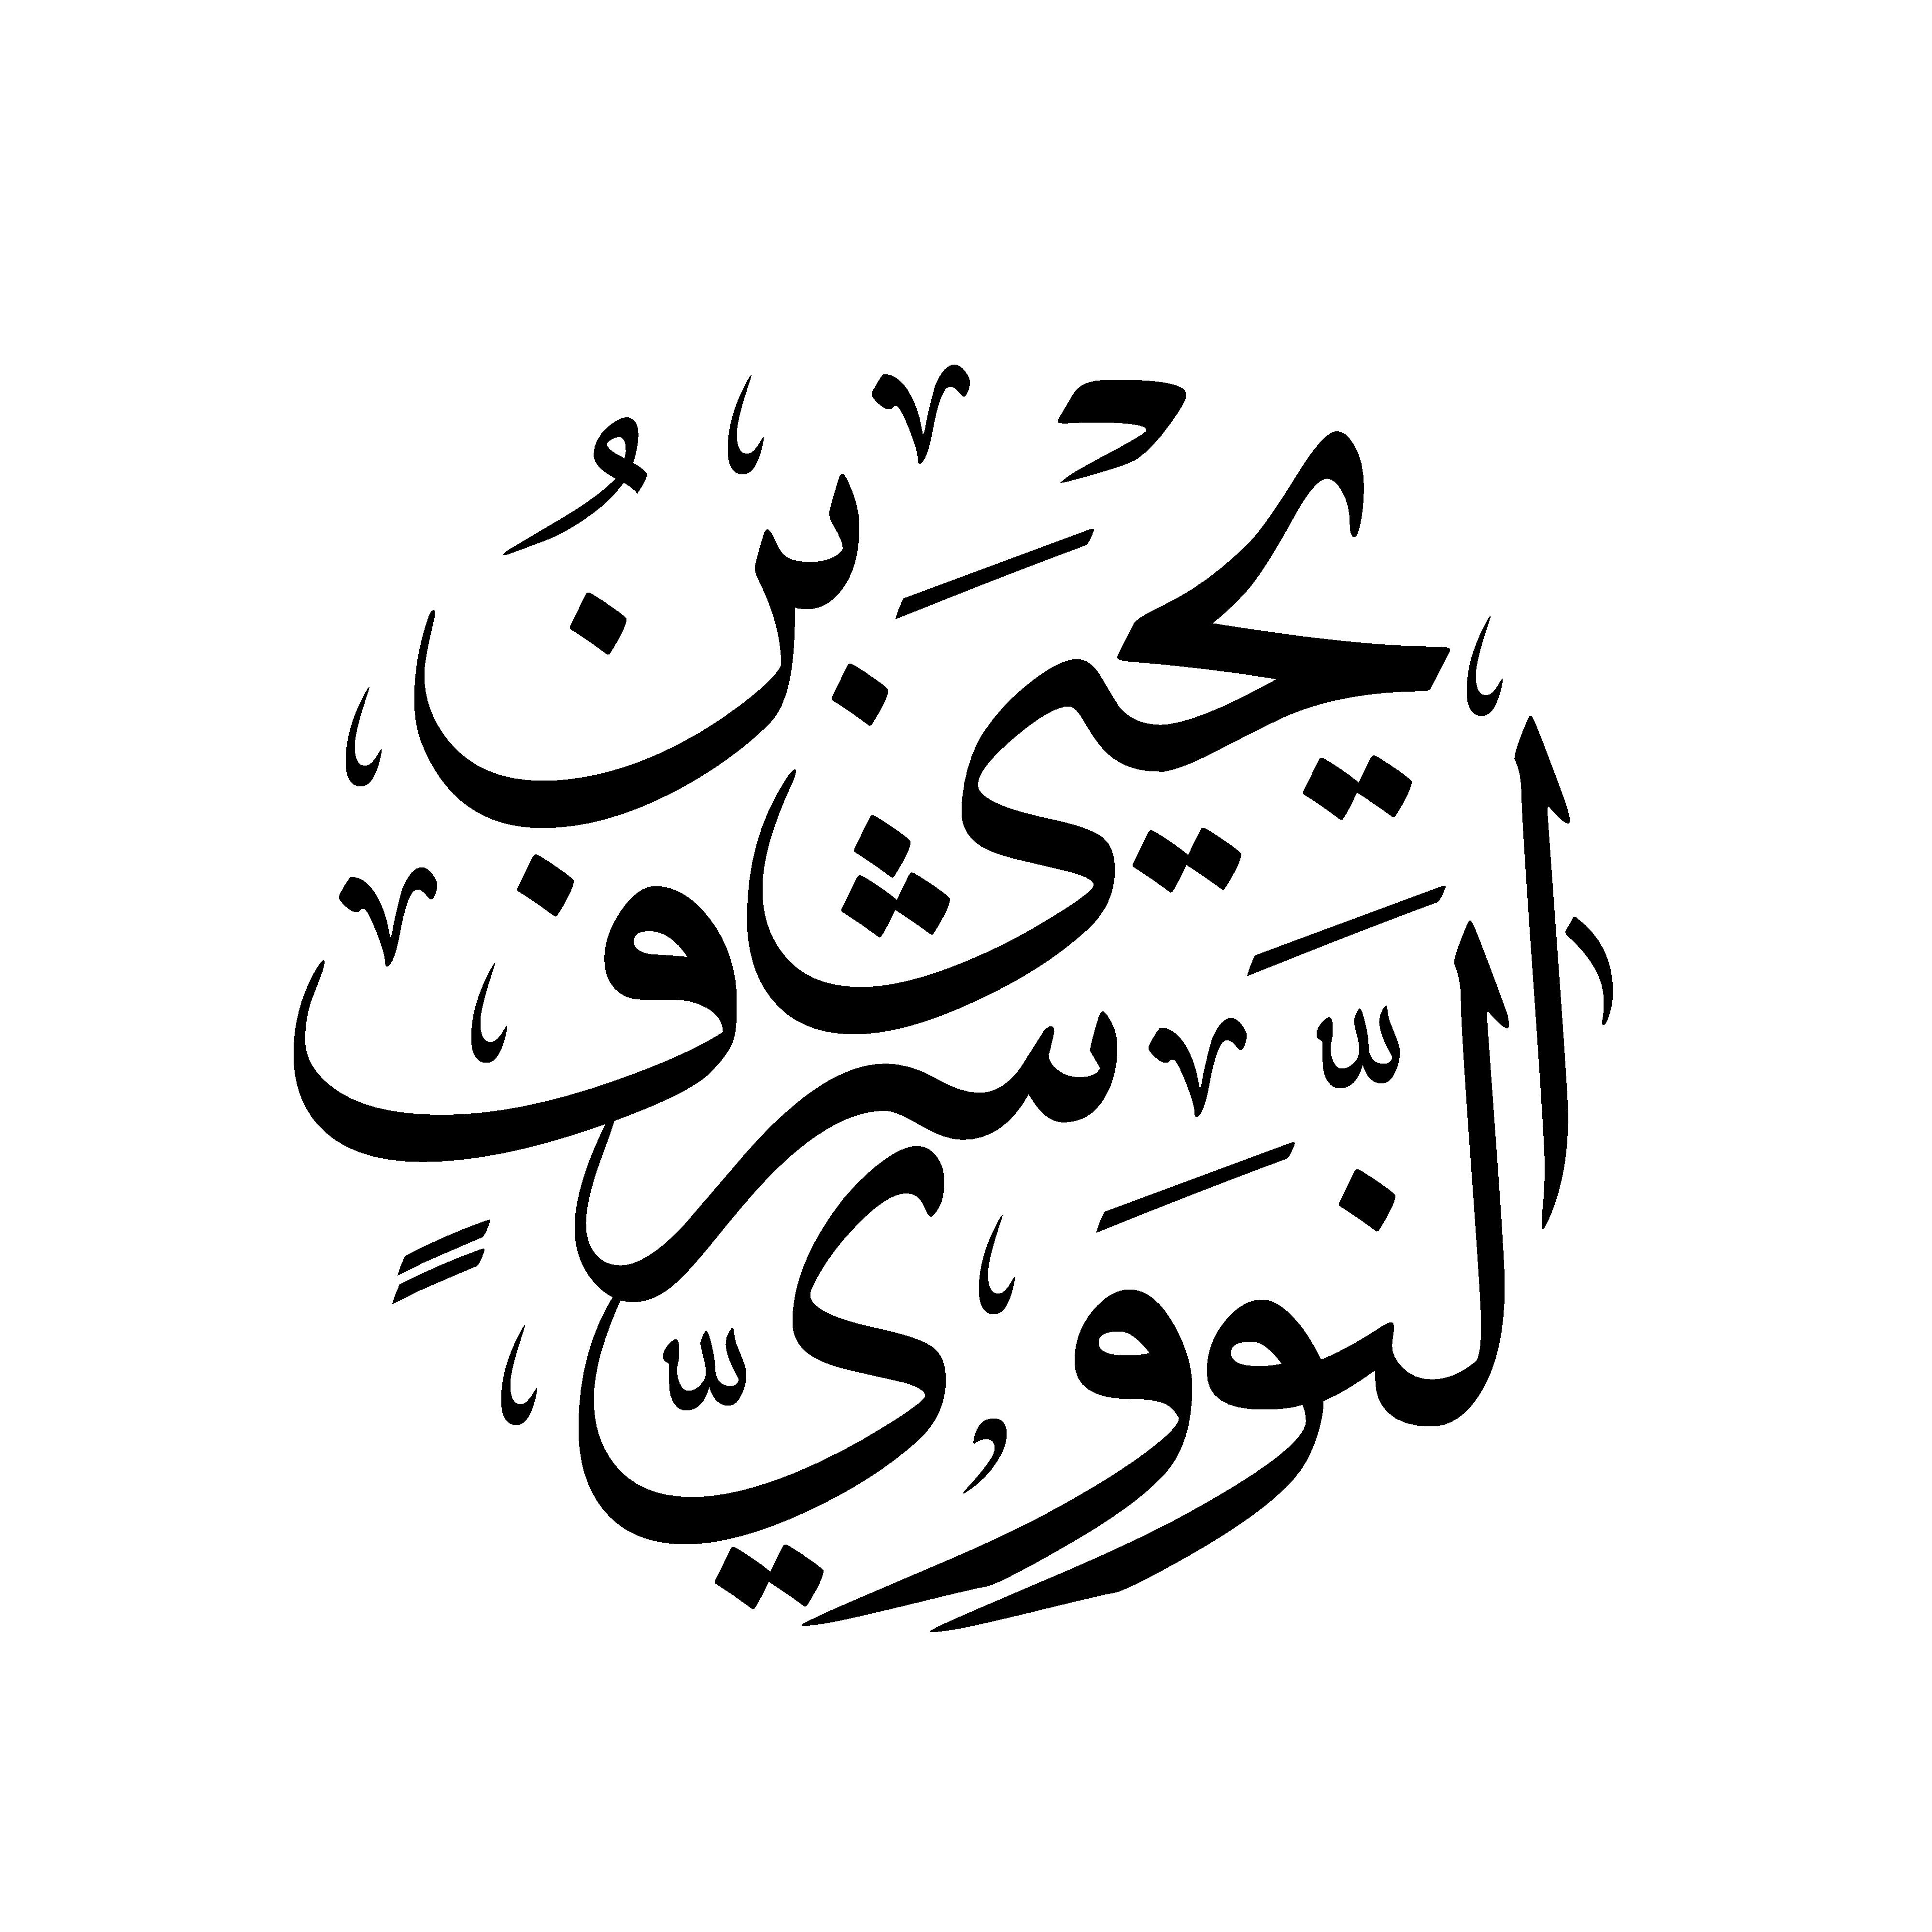 كتب يحي بن شرف النووي أبو زكريا